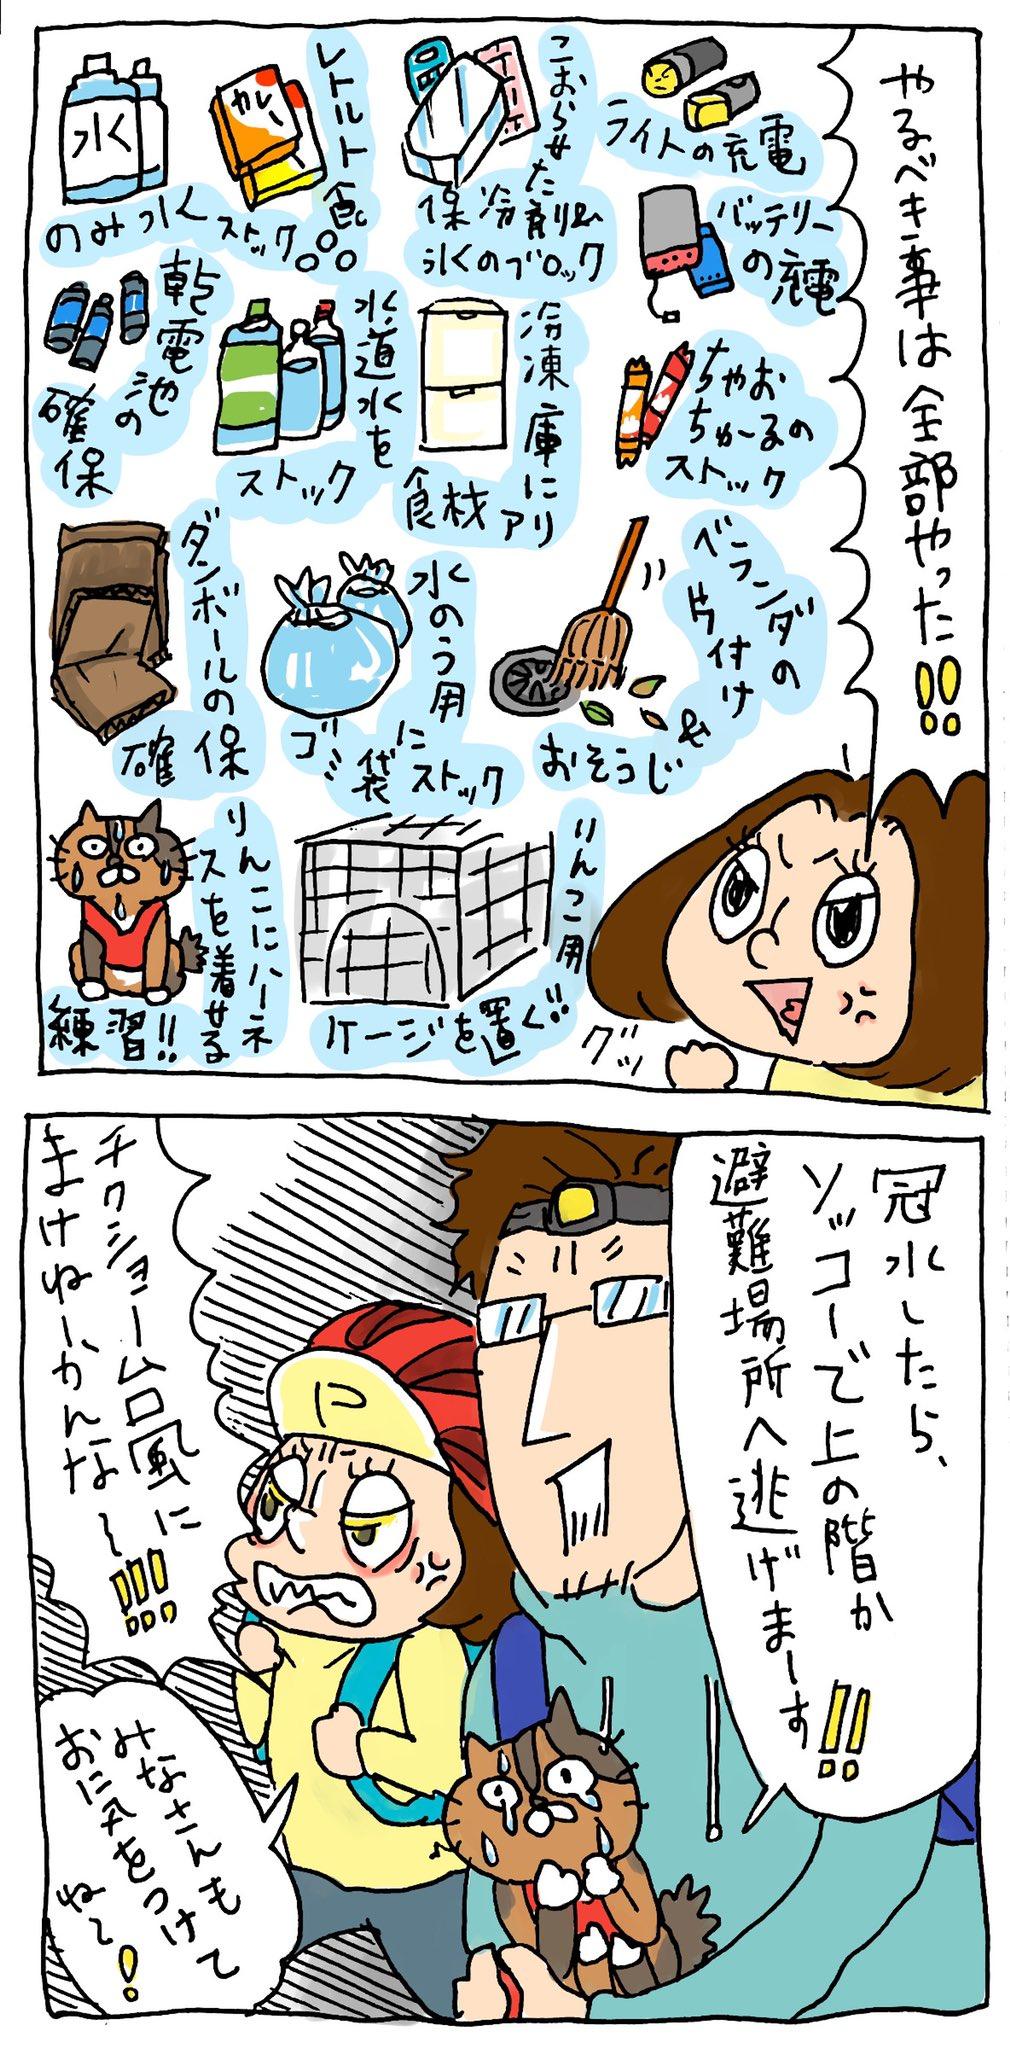 無料四コマ漫画:避難勧告が出たら